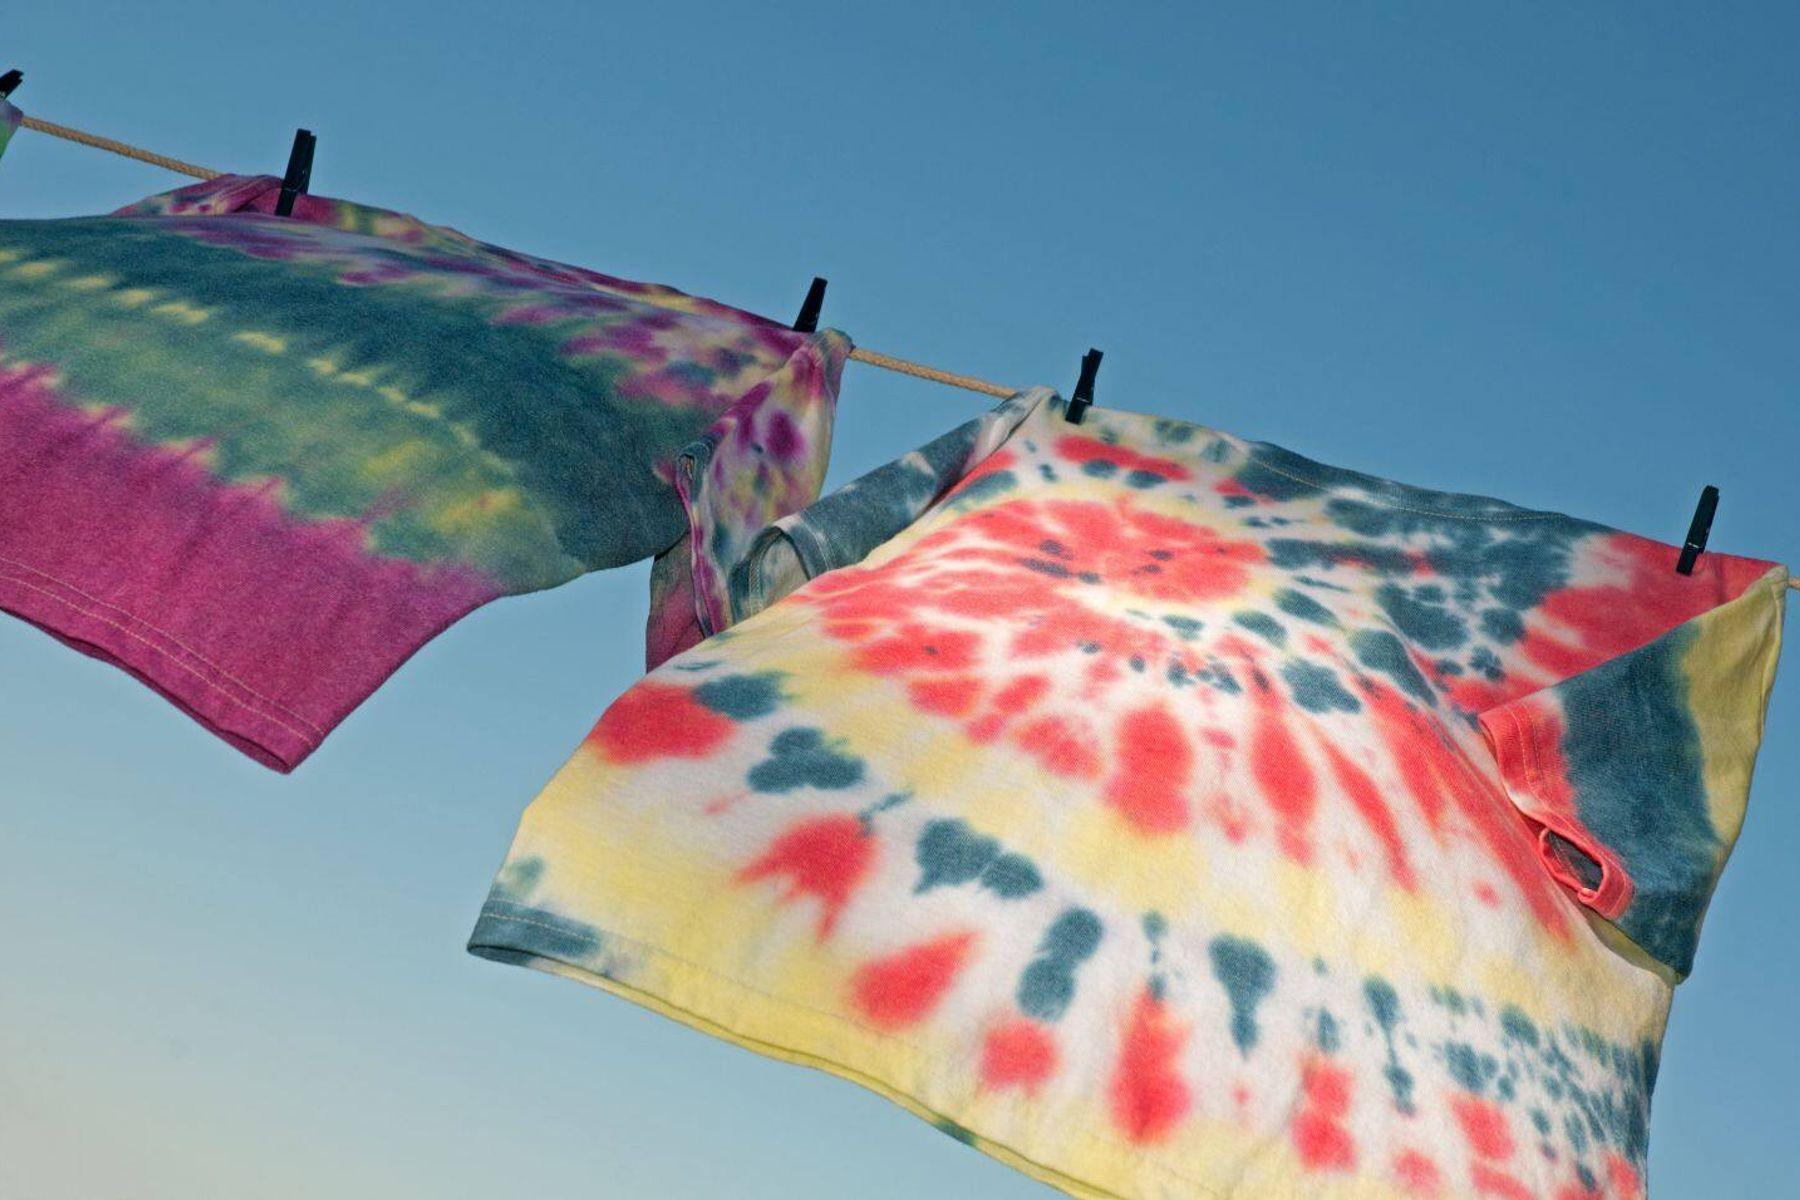 Chất nhuộm vải Azo tiềm ẩn nguy cơ gì cho sức khỏe?